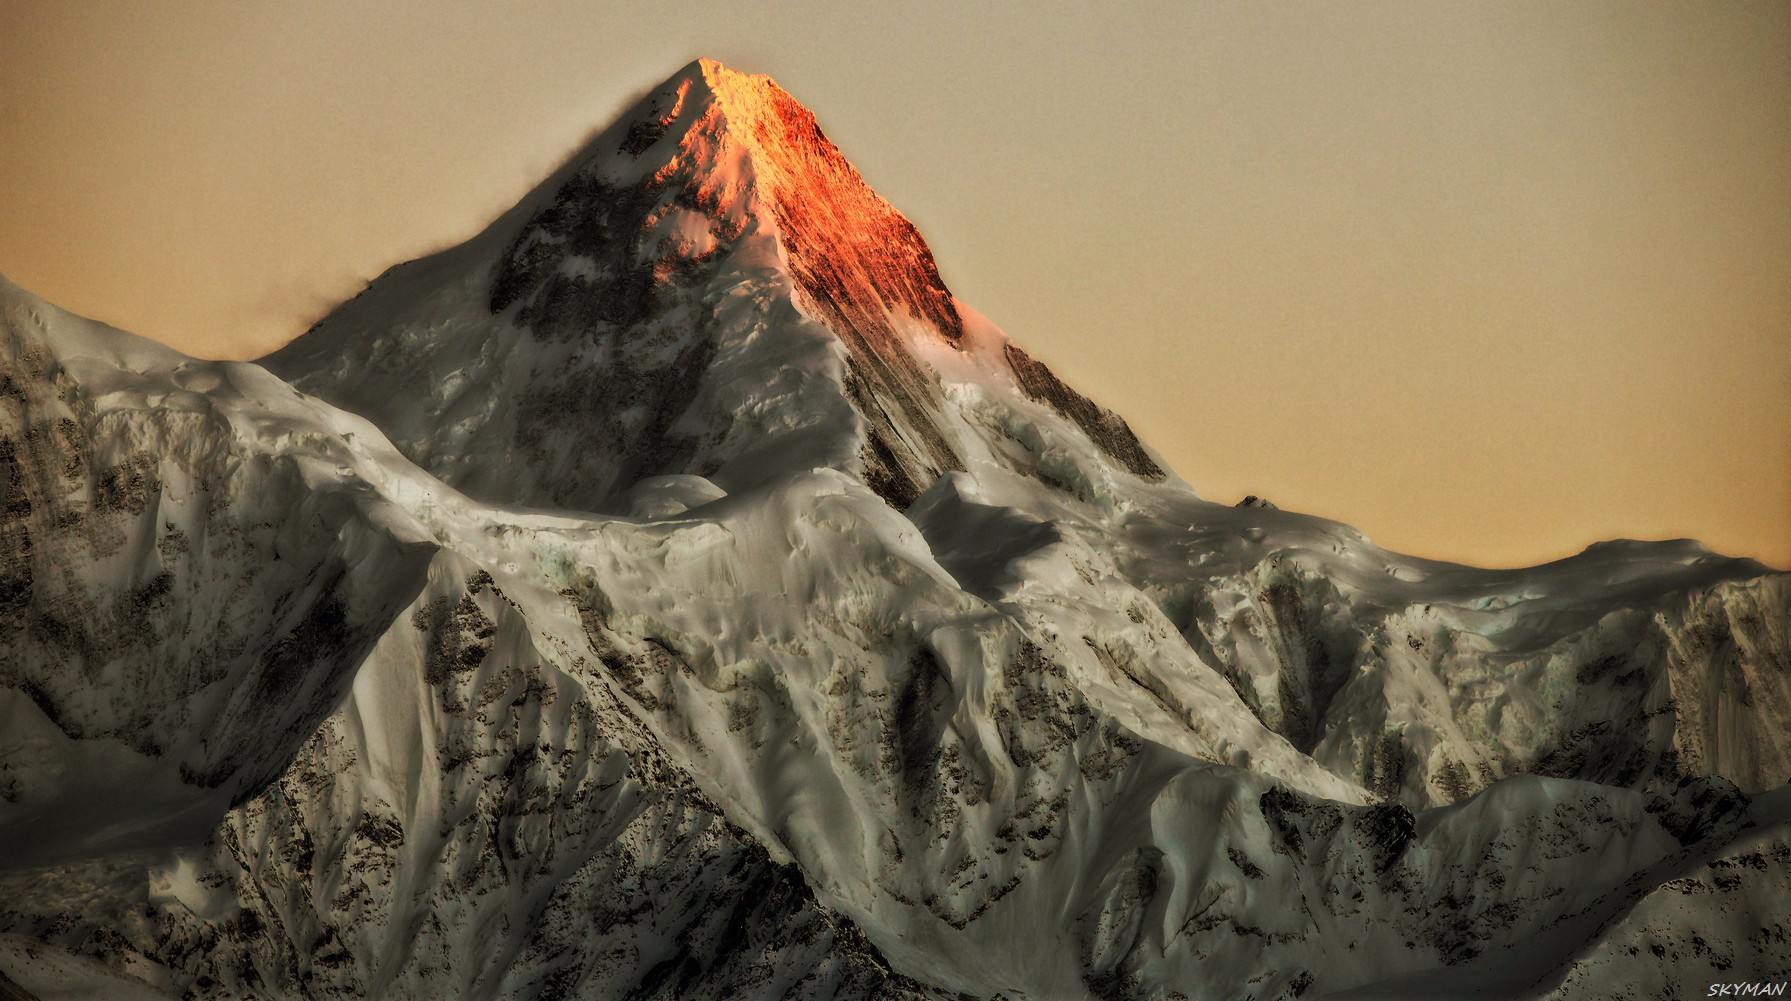 Re:[原创]---绝美的景观航线CTU-KGT 航拍四姑娘 贡嘎 雅拉神山---